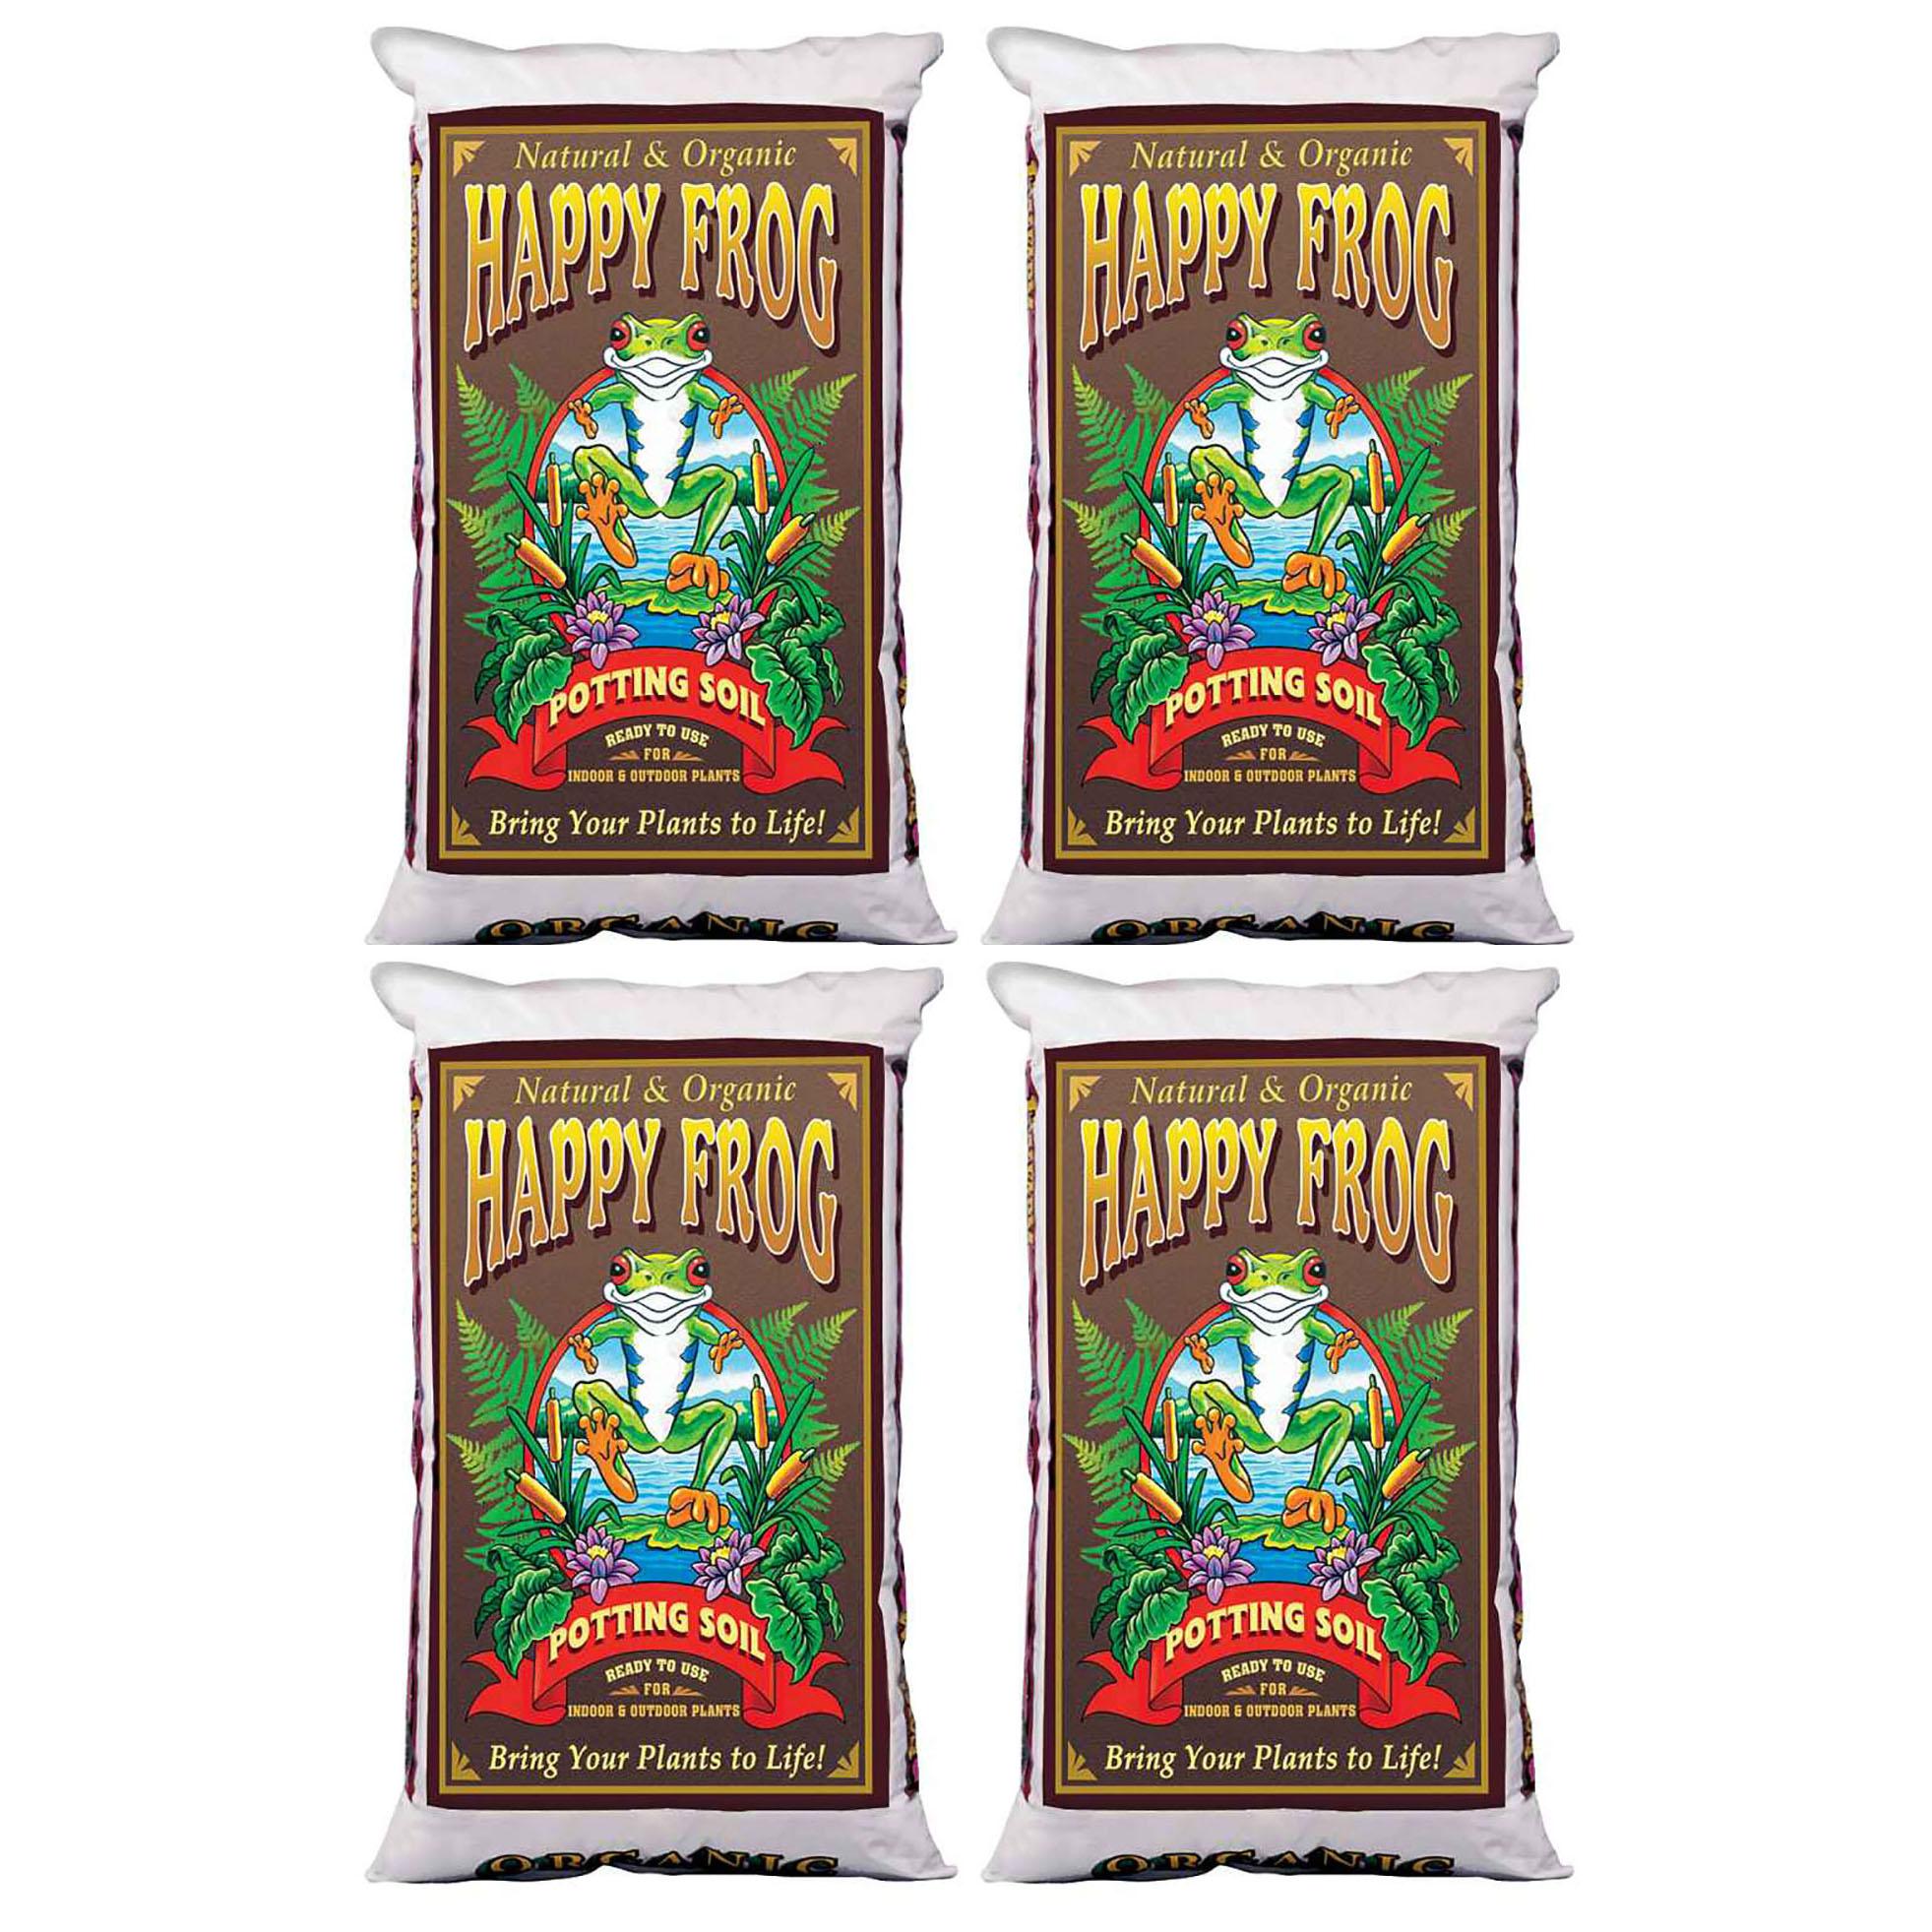 Fox Farm Happy Frog Nutrient Rich Rapid Growth Potting So...